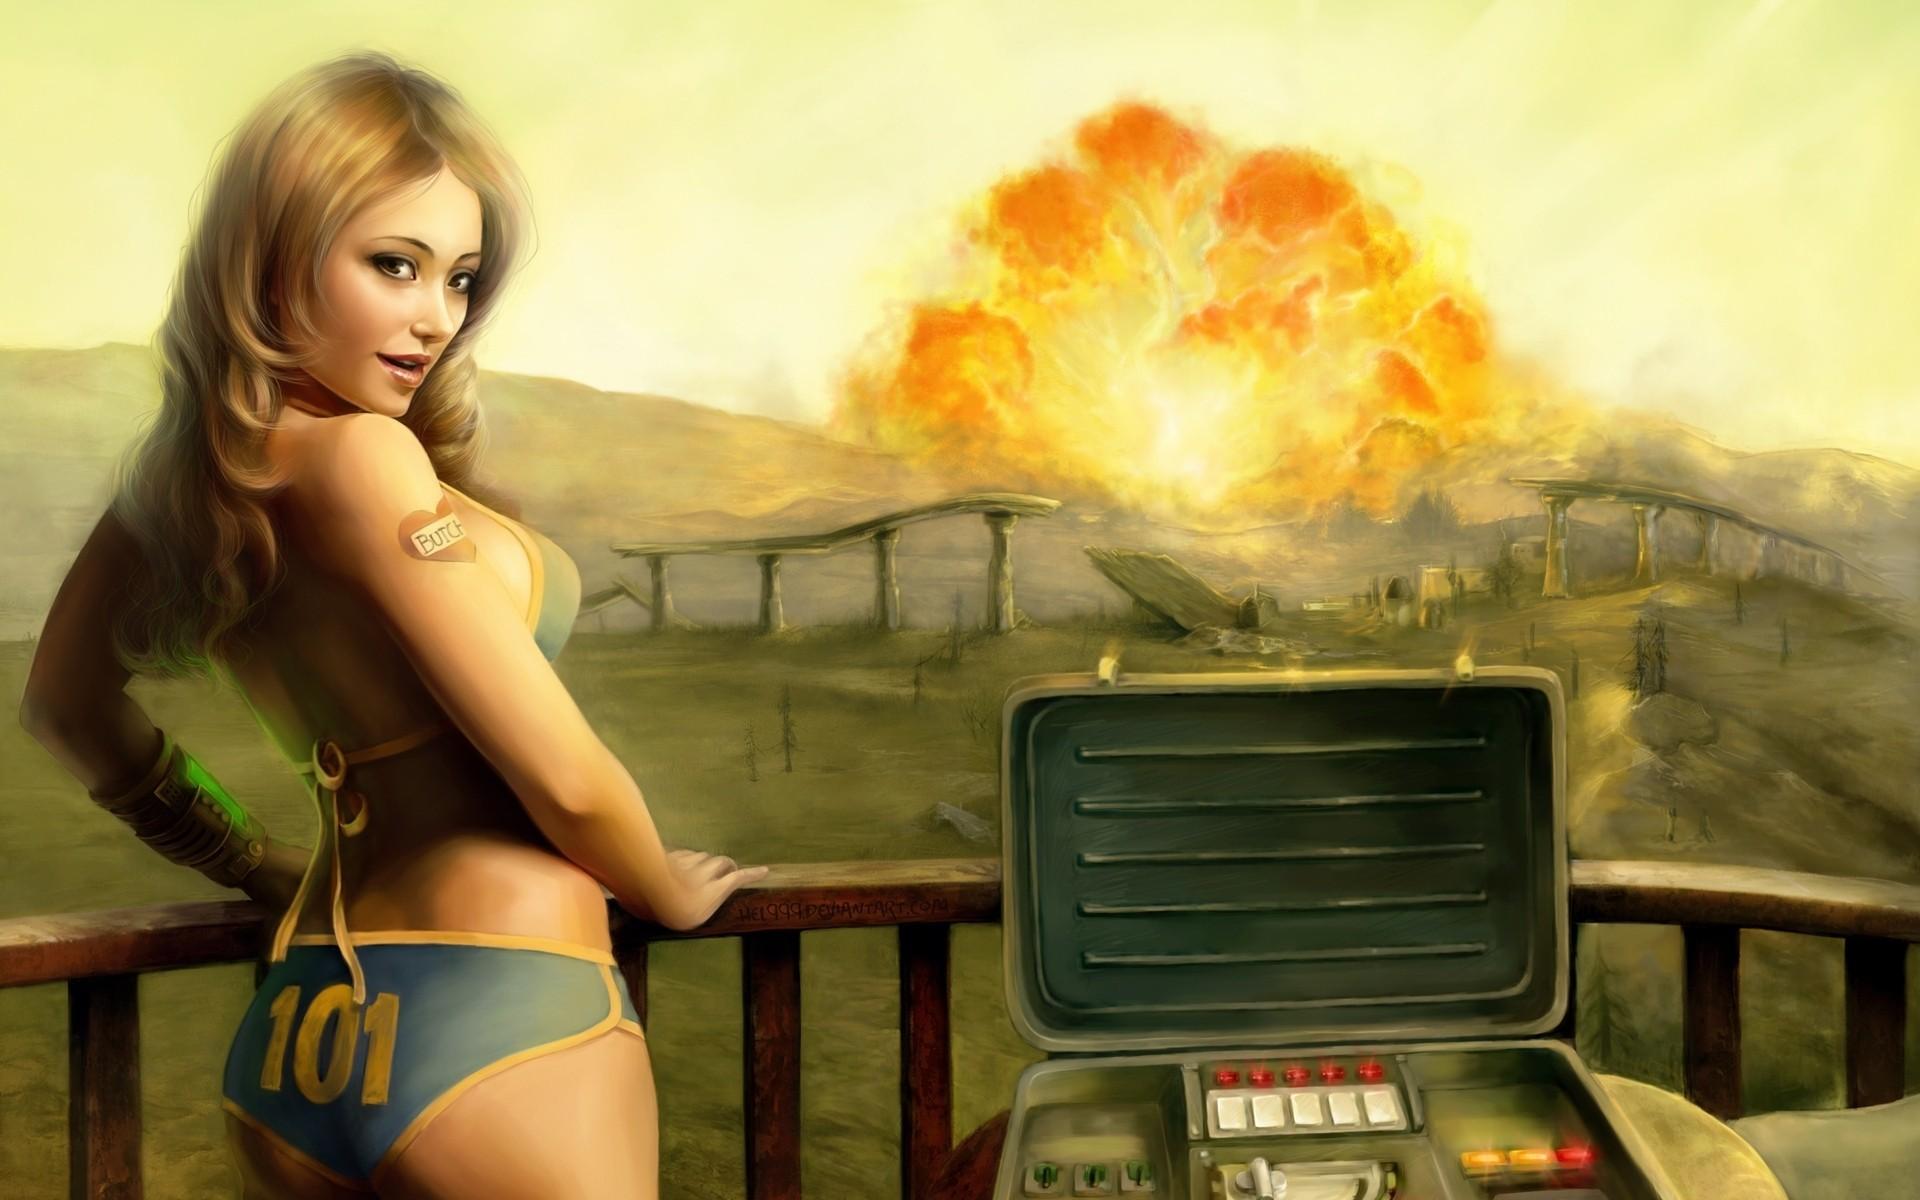 znaet-chto-porno-koldunya-online-atomnie-bombi